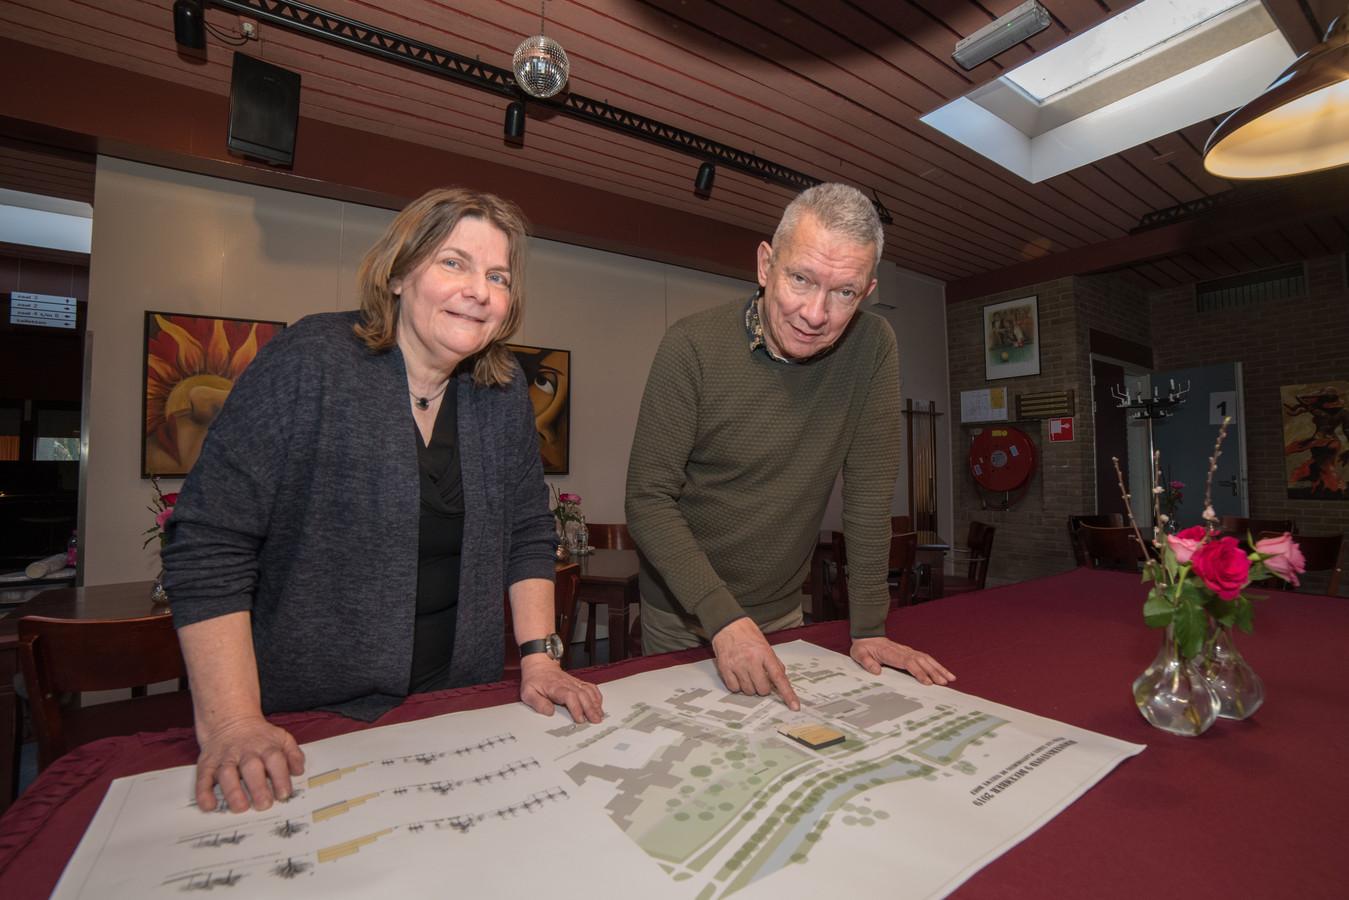 Carla Venema van Zorgdat en Hans Alfons van De Roef hebben elkaar, met huisarts Annelies van het Hulst, gevonden in het idee van een geheel nieuw positief gezondheidscentrum. Uniek in de wereld, glundert Alfons.